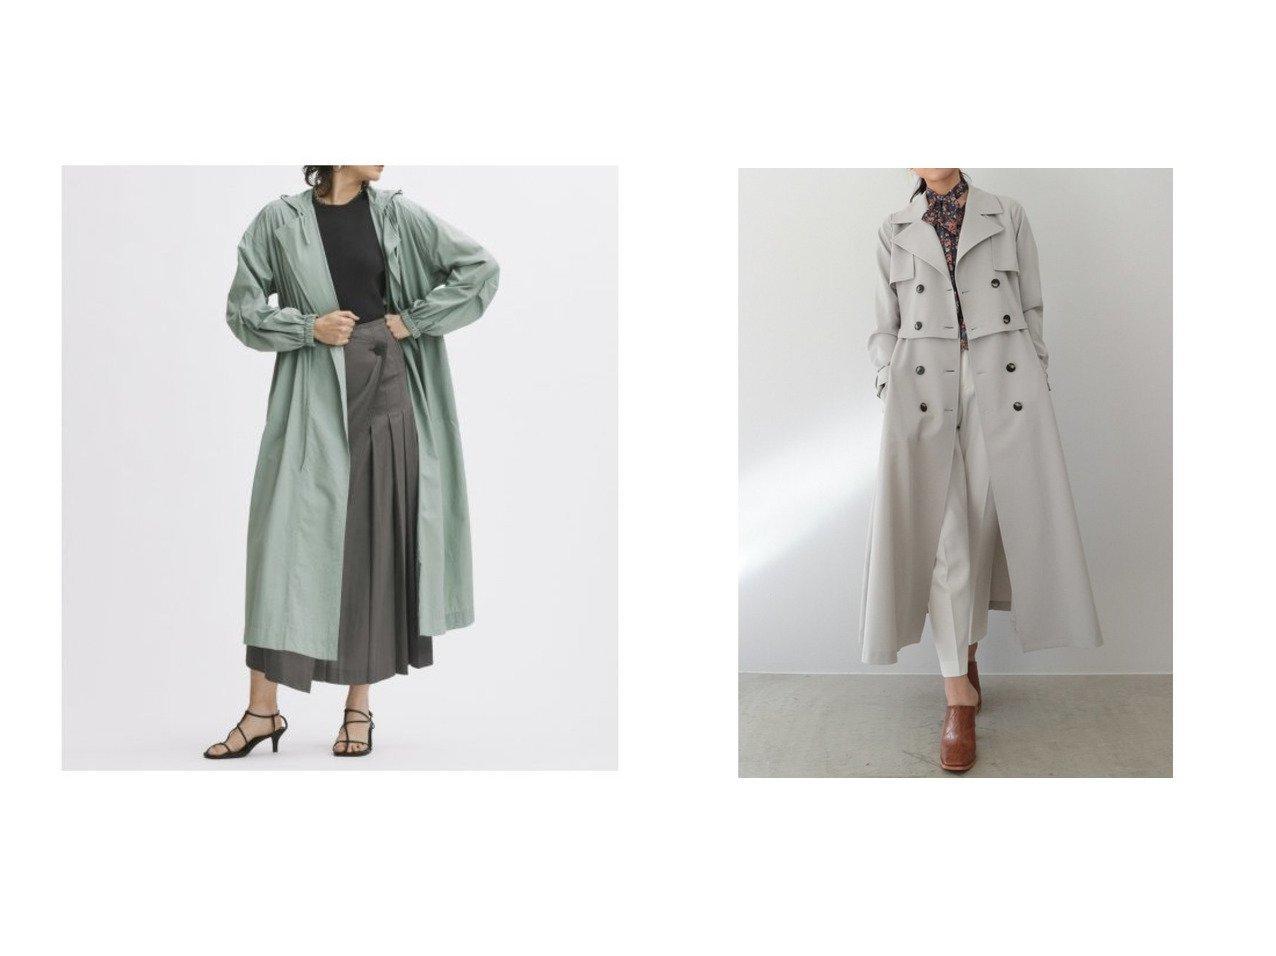 【AMBIENT/アンビエント】のセパレートトレンチコート&【Mila Owen/ミラオーウェン】のウエスト絞りユーティリティーロングコート 【アウター】おすすめ!人気、トレンド・レディースファッションの通販 おすすめで人気の流行・トレンド、ファッションの通販商品 メンズファッション・キッズファッション・インテリア・家具・レディースファッション・服の通販 founy(ファニー) https://founy.com/ ファッション Fashion レディースファッション WOMEN アウター Coat Outerwear コート Coats トレンチコート Trench Coats ウォッシャブル 春 Spring スマート スリット スリーブ ロング 冬 Winter おすすめ Recommend エレガント ショート スタンダード セパレート 定番 Standard バランス フィット フレア ヨーク ワーク NEW・新作・新着・新入荷 New Arrivals |ID:crp329100000028565